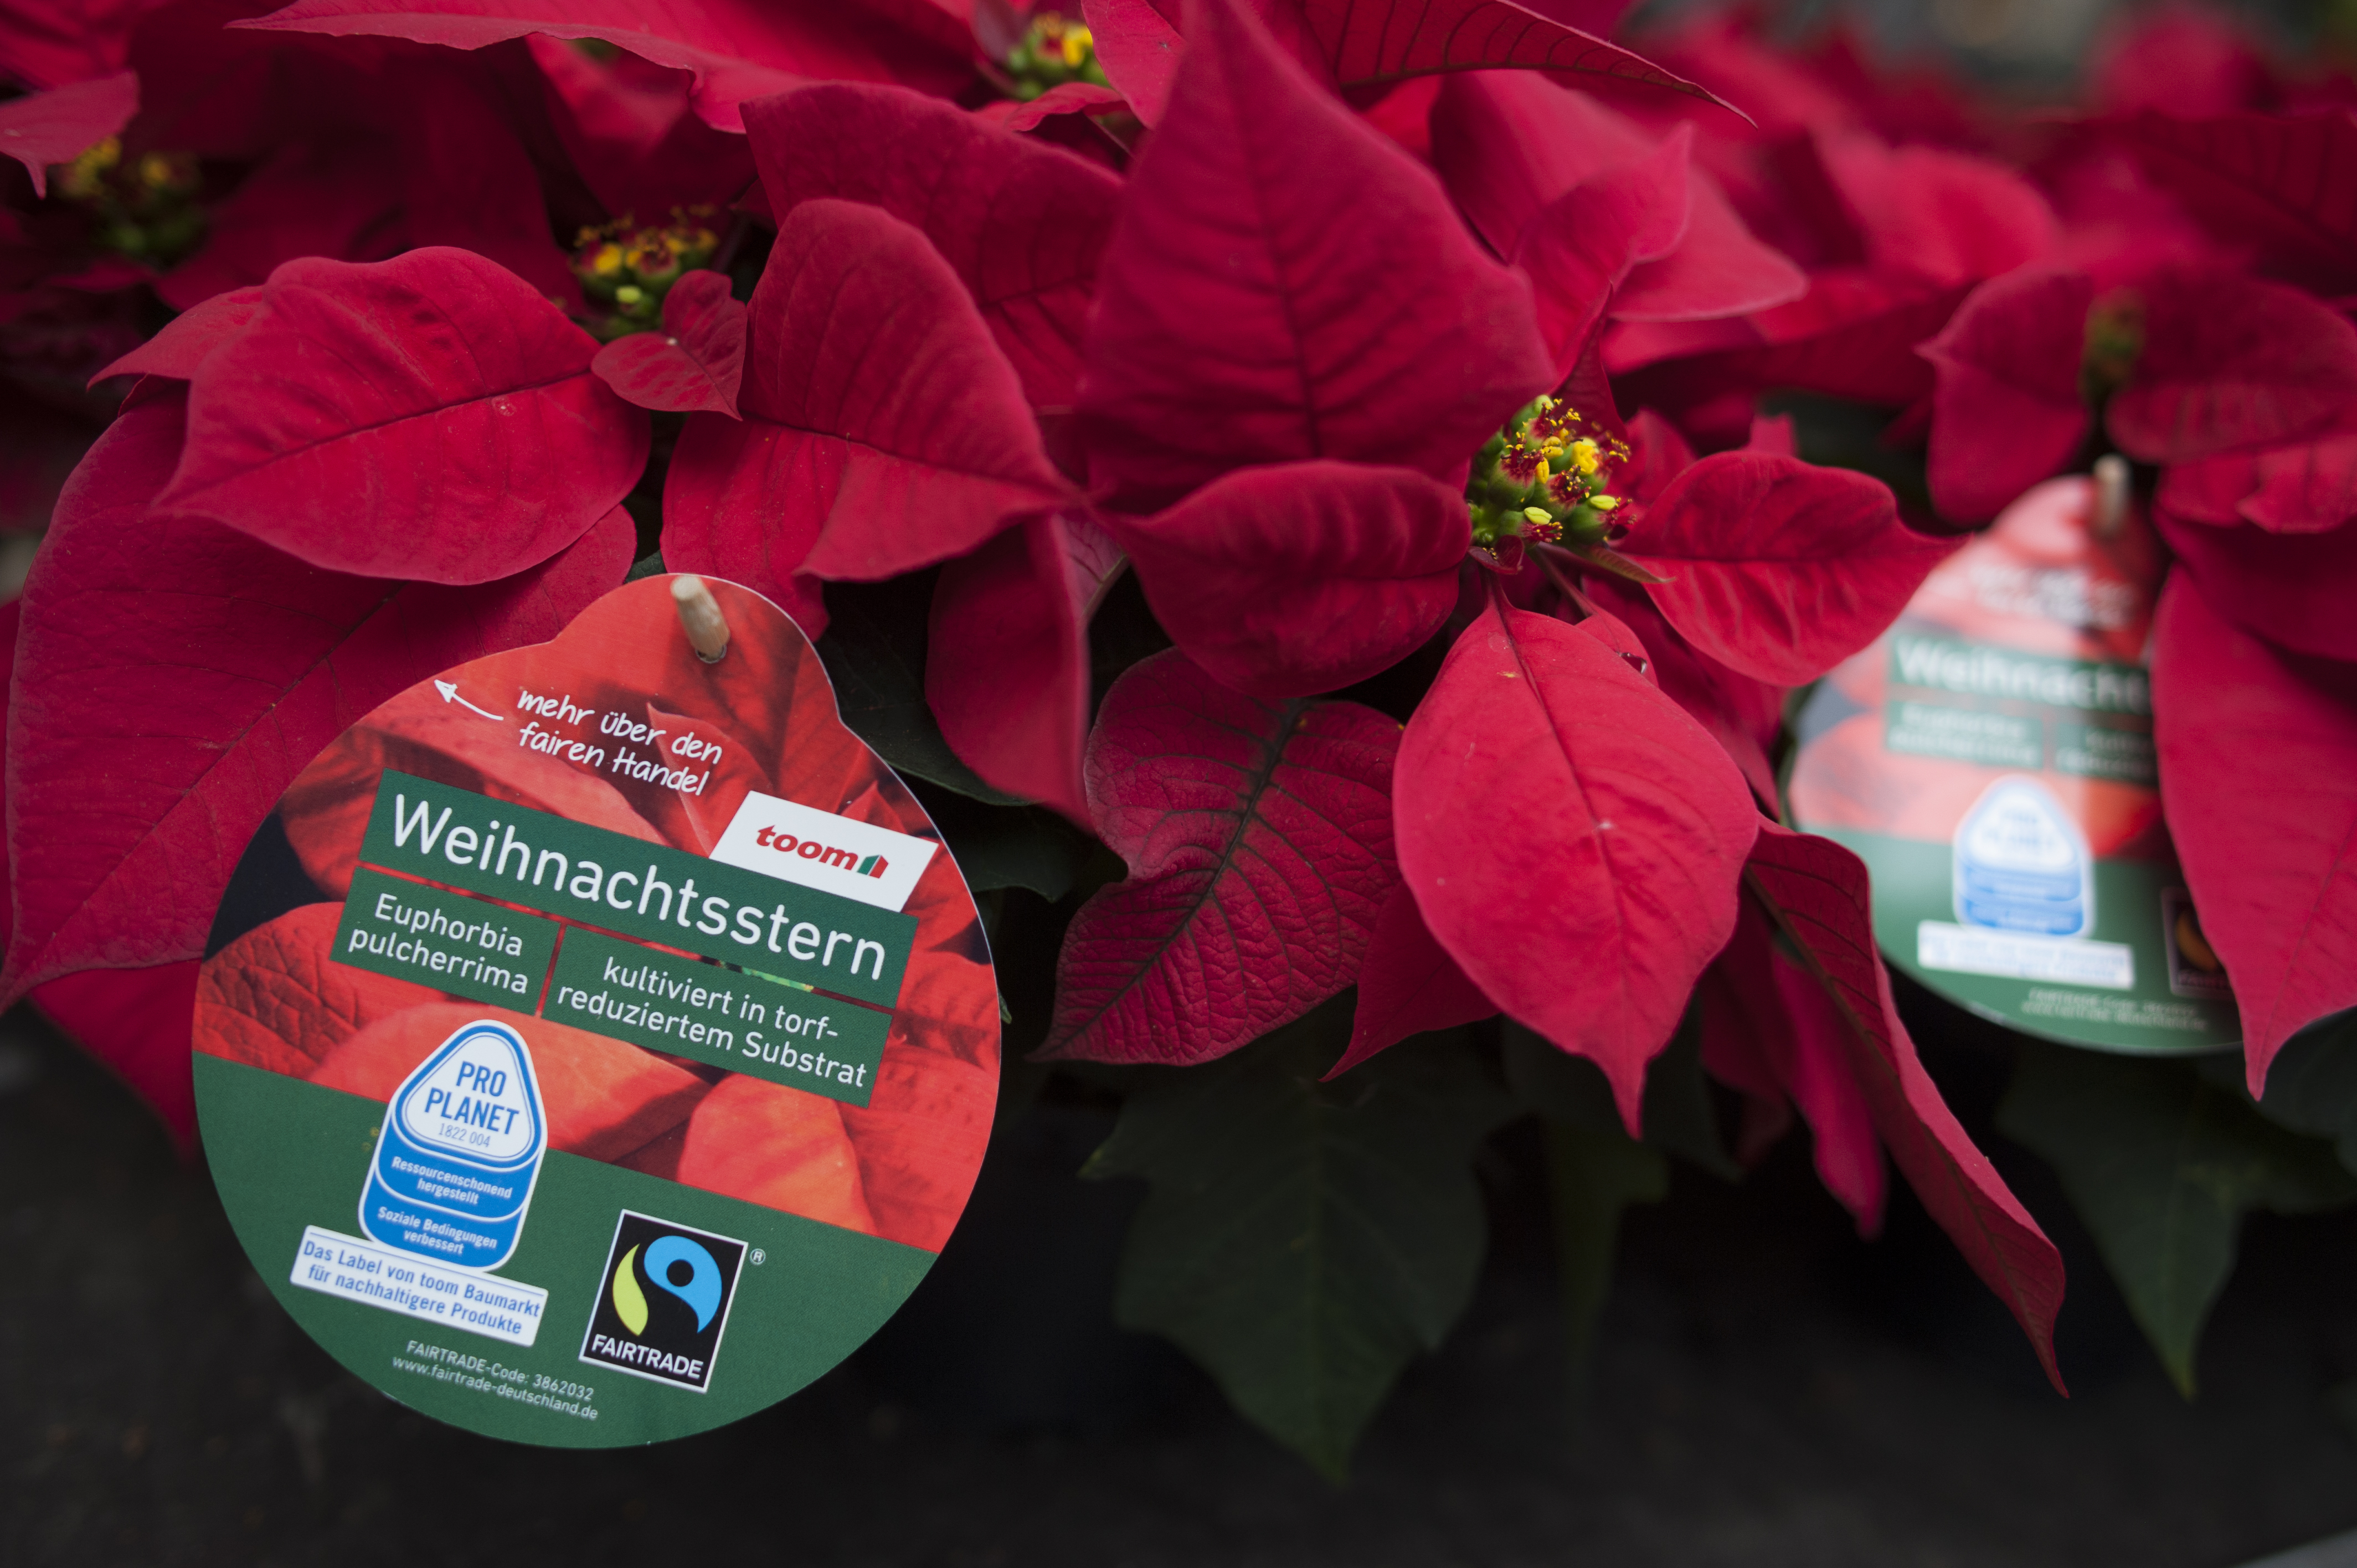 weihnachtssterne mit gutem gewissen kaufen toom stellt gesamtes weihnachtsstern sortiment auf. Black Bedroom Furniture Sets. Home Design Ideas